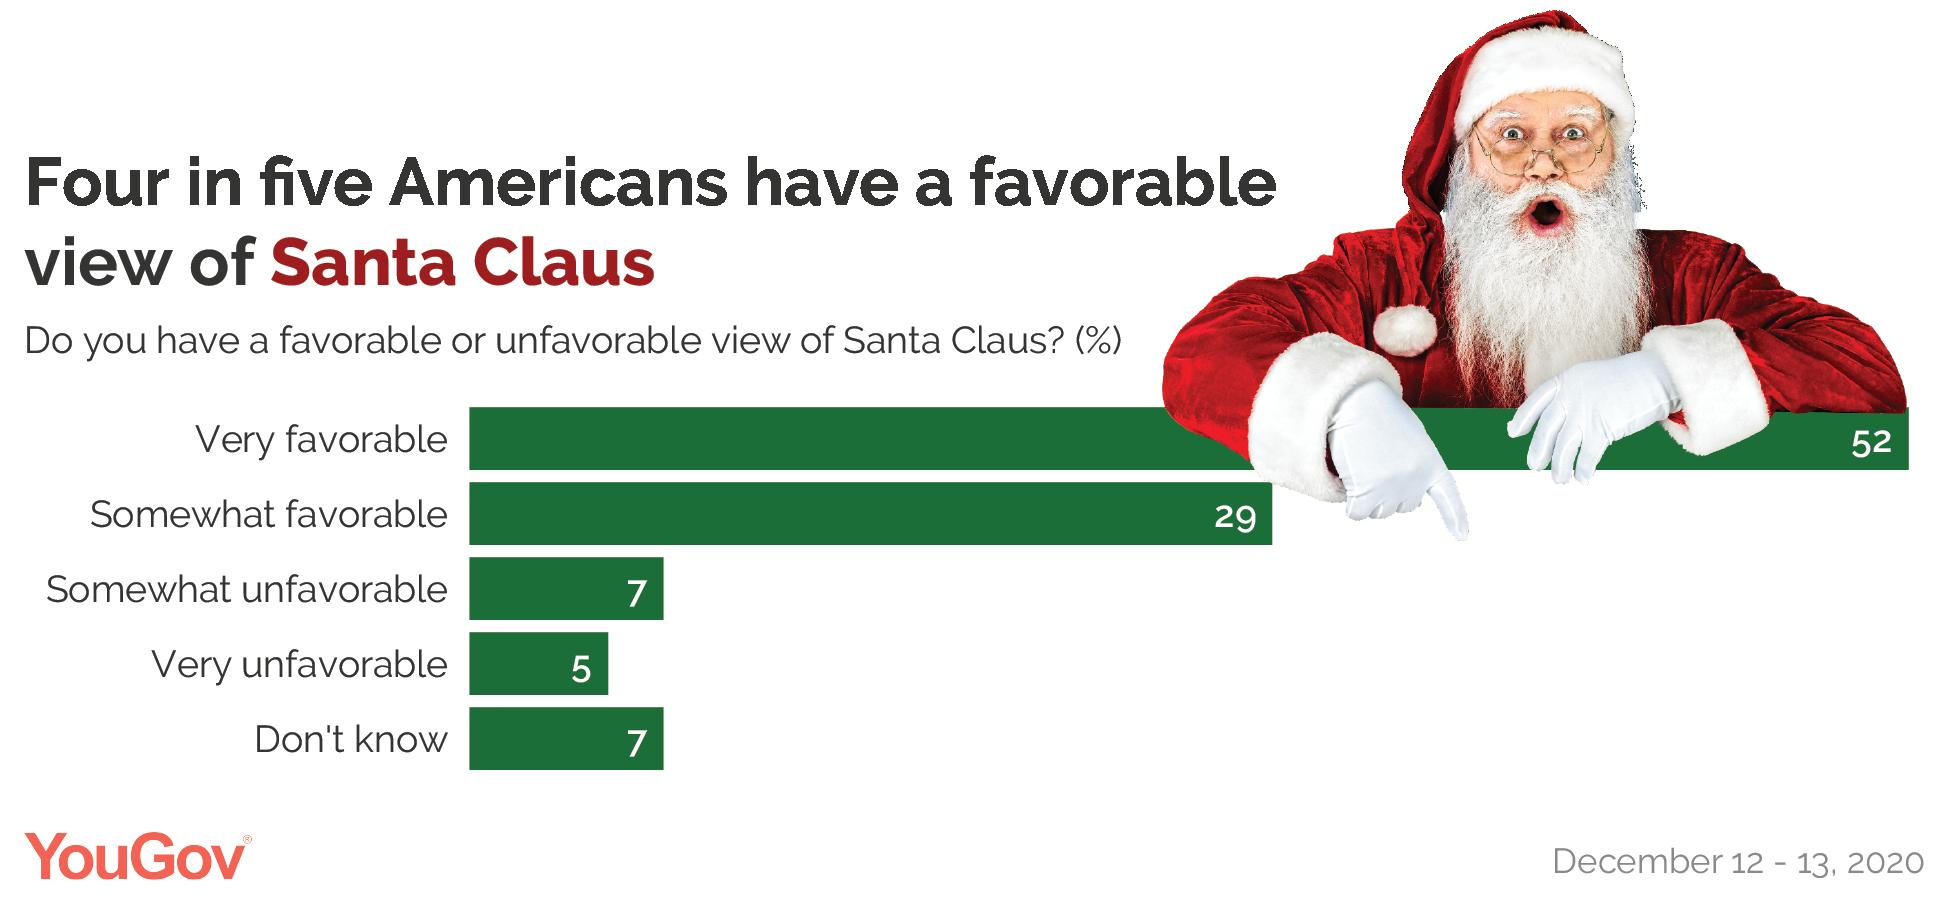 Santa Claus' favorability ratings